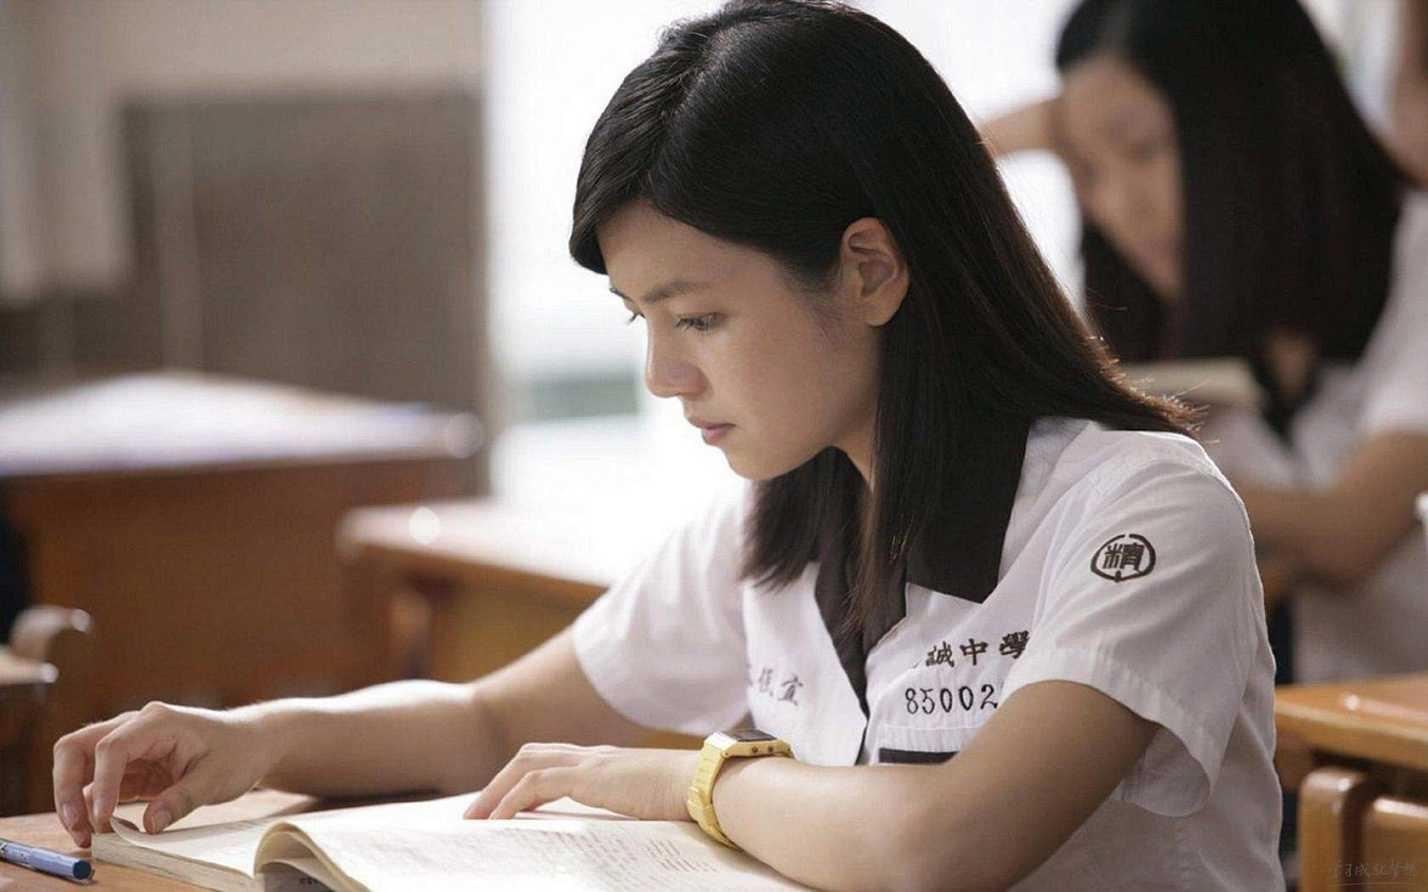 澳门举行2018年内地高校招收保送生考试